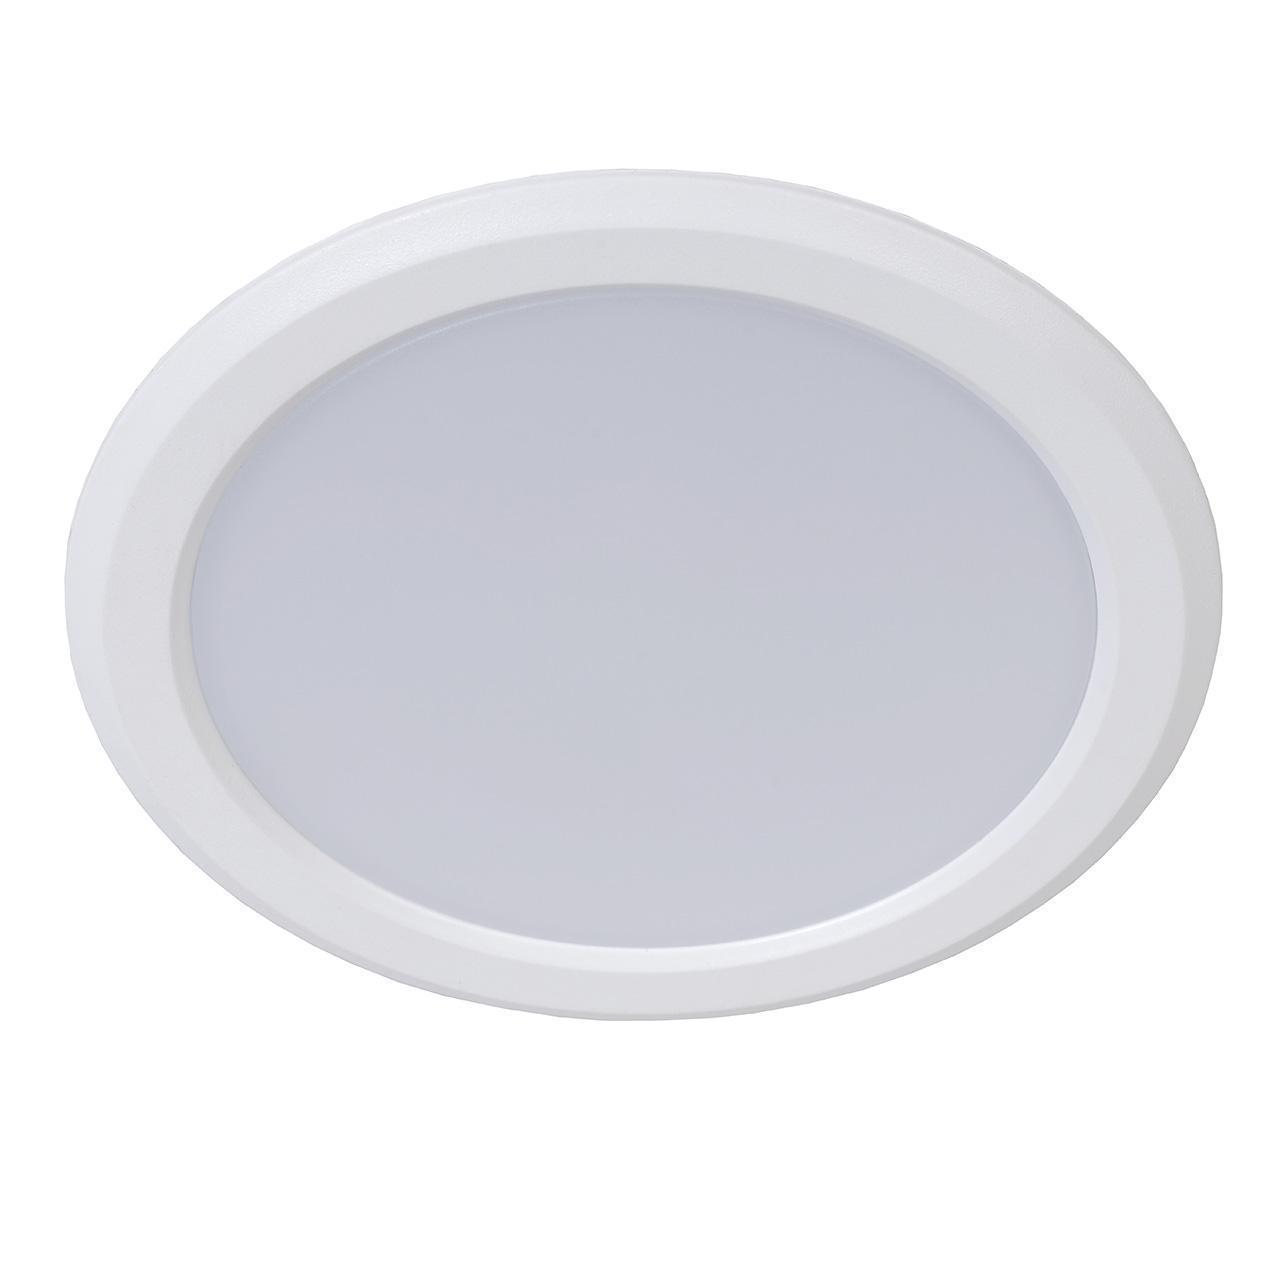 Встраиваемый светодиодный светильник Lucide Tendo-Led 07902/09/99